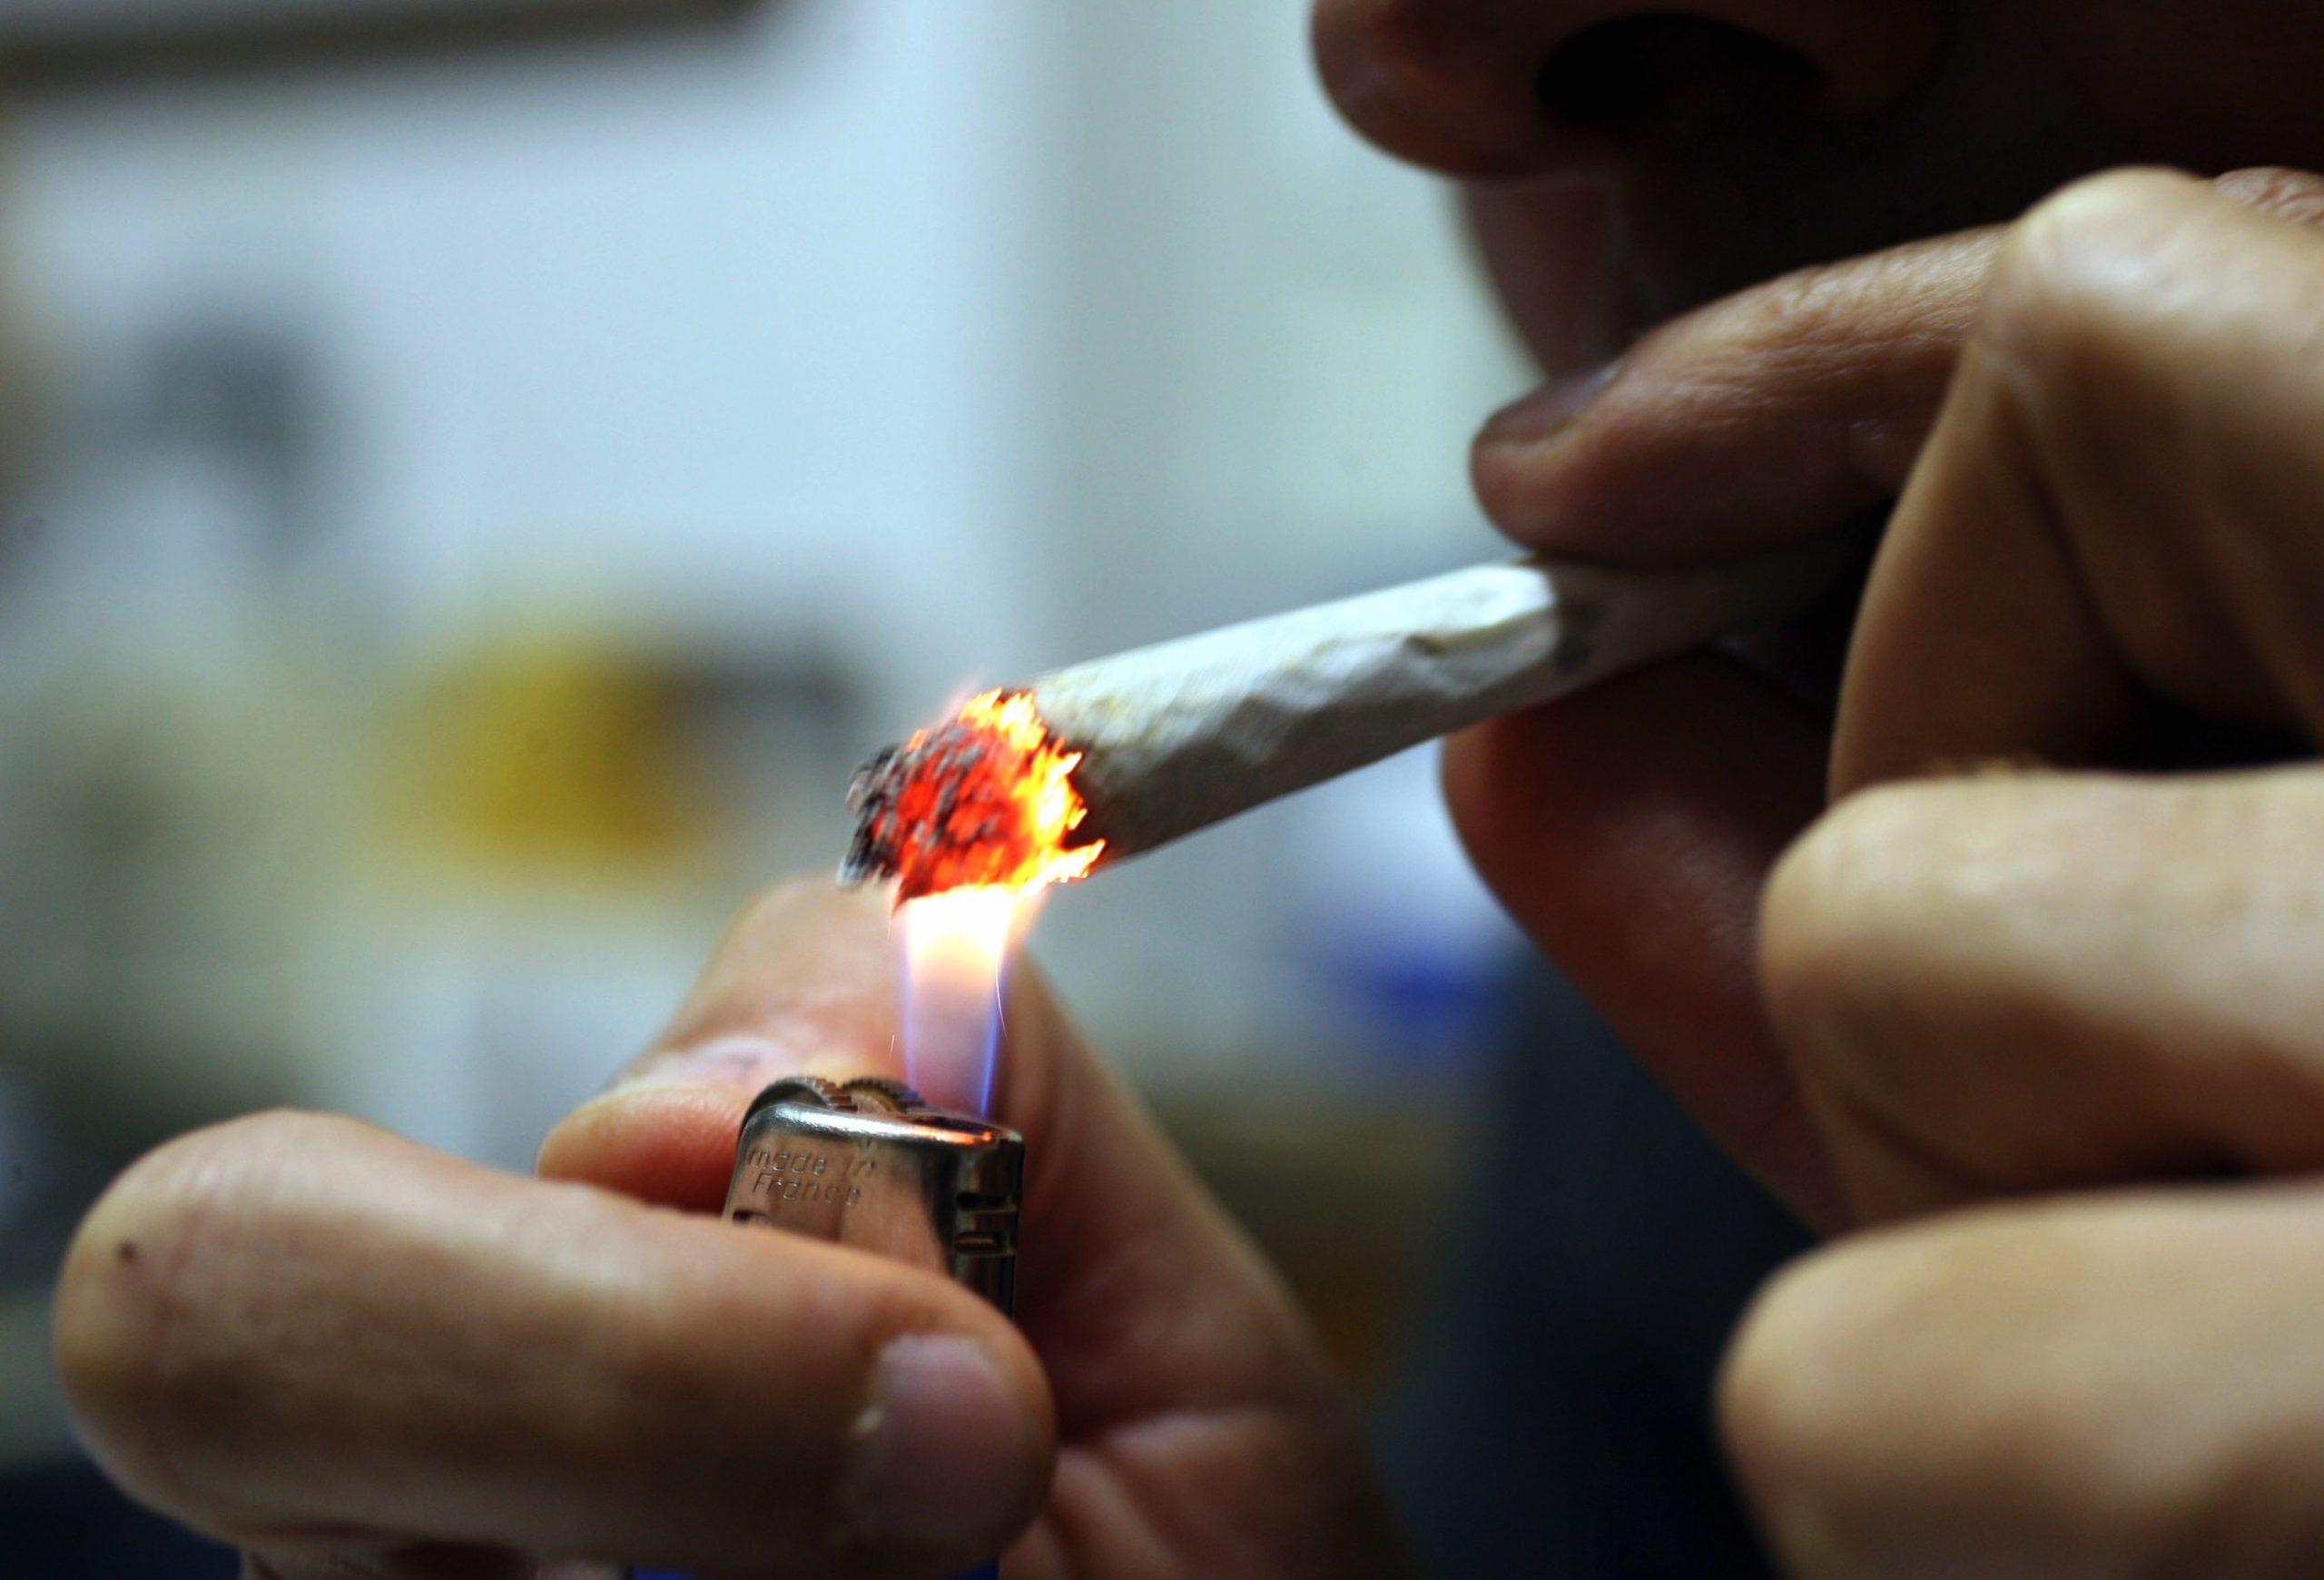 La cannabis crea gli stessi danni polmonari del tabacco, ma più in fretta